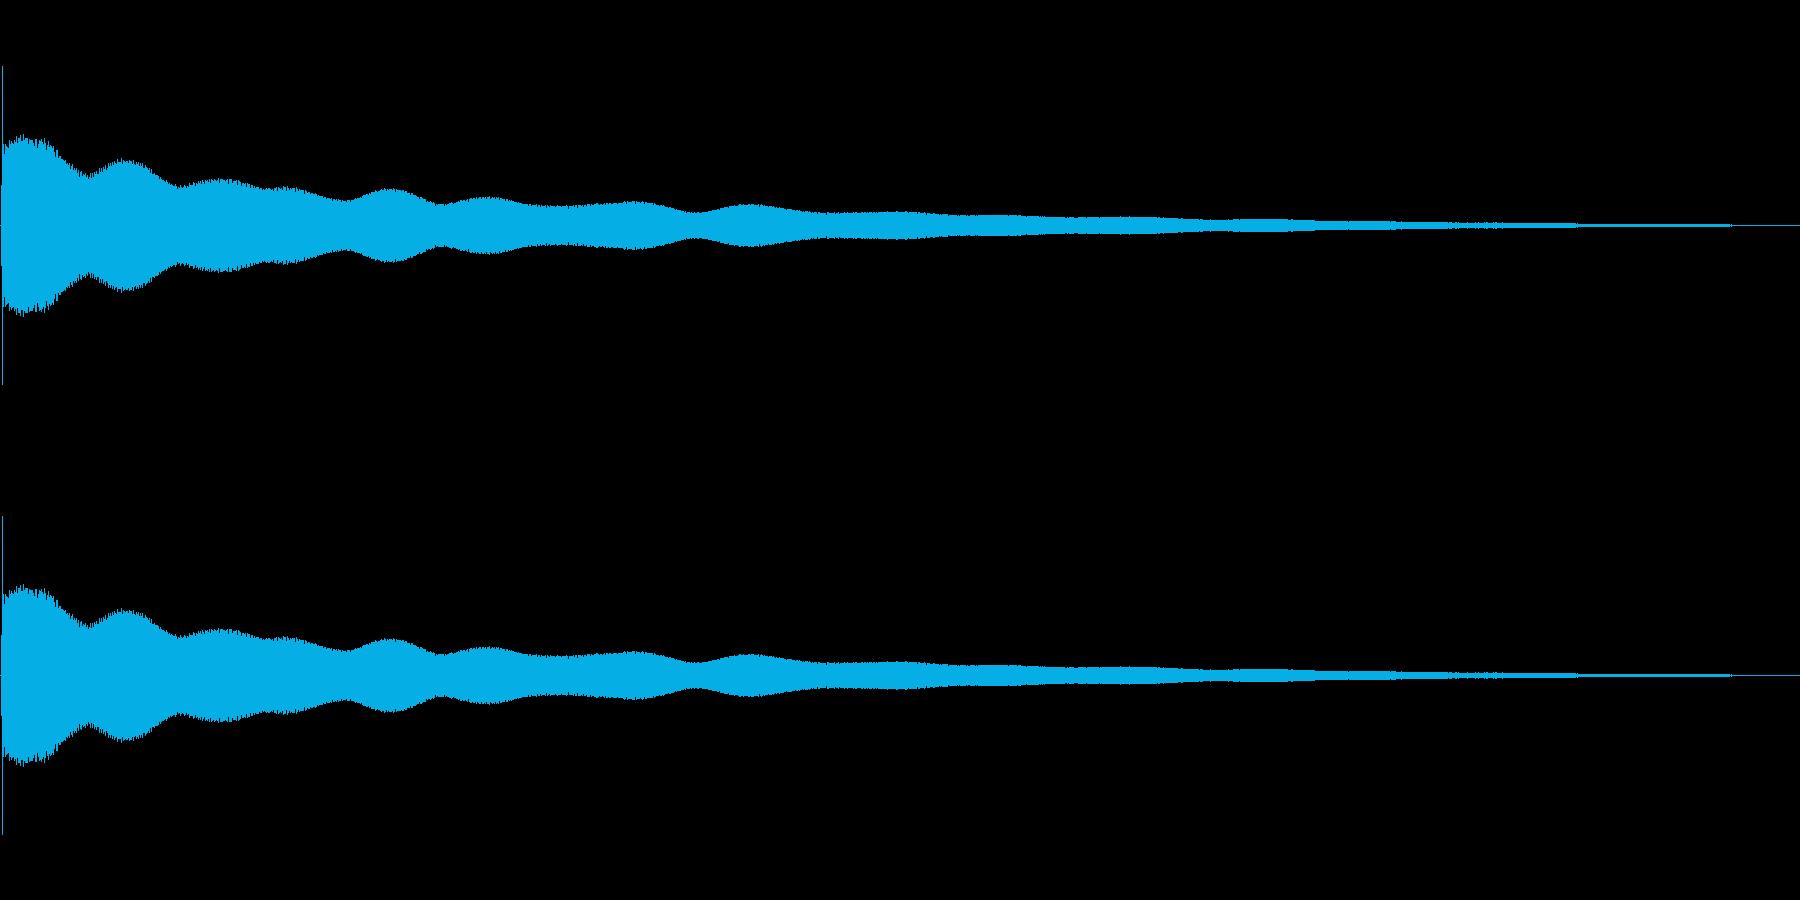 残念な音 チーーーーンの再生済みの波形